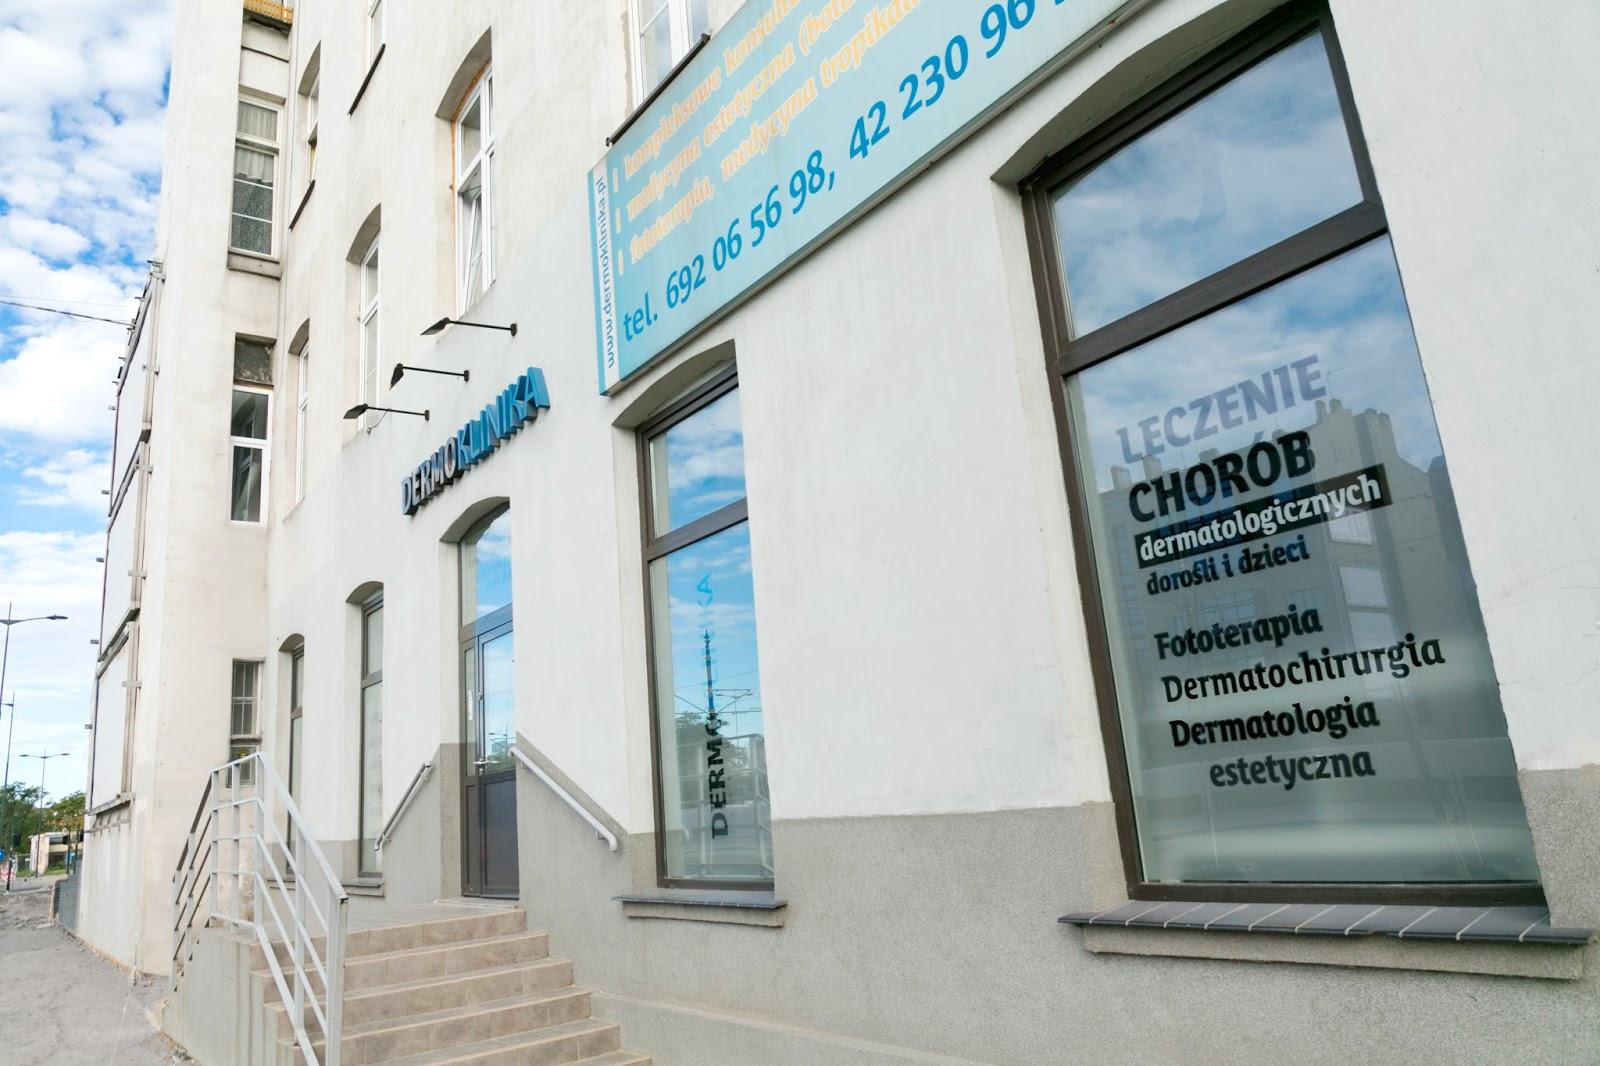 zdjęcie budynku Dermokliniki w Łodzi